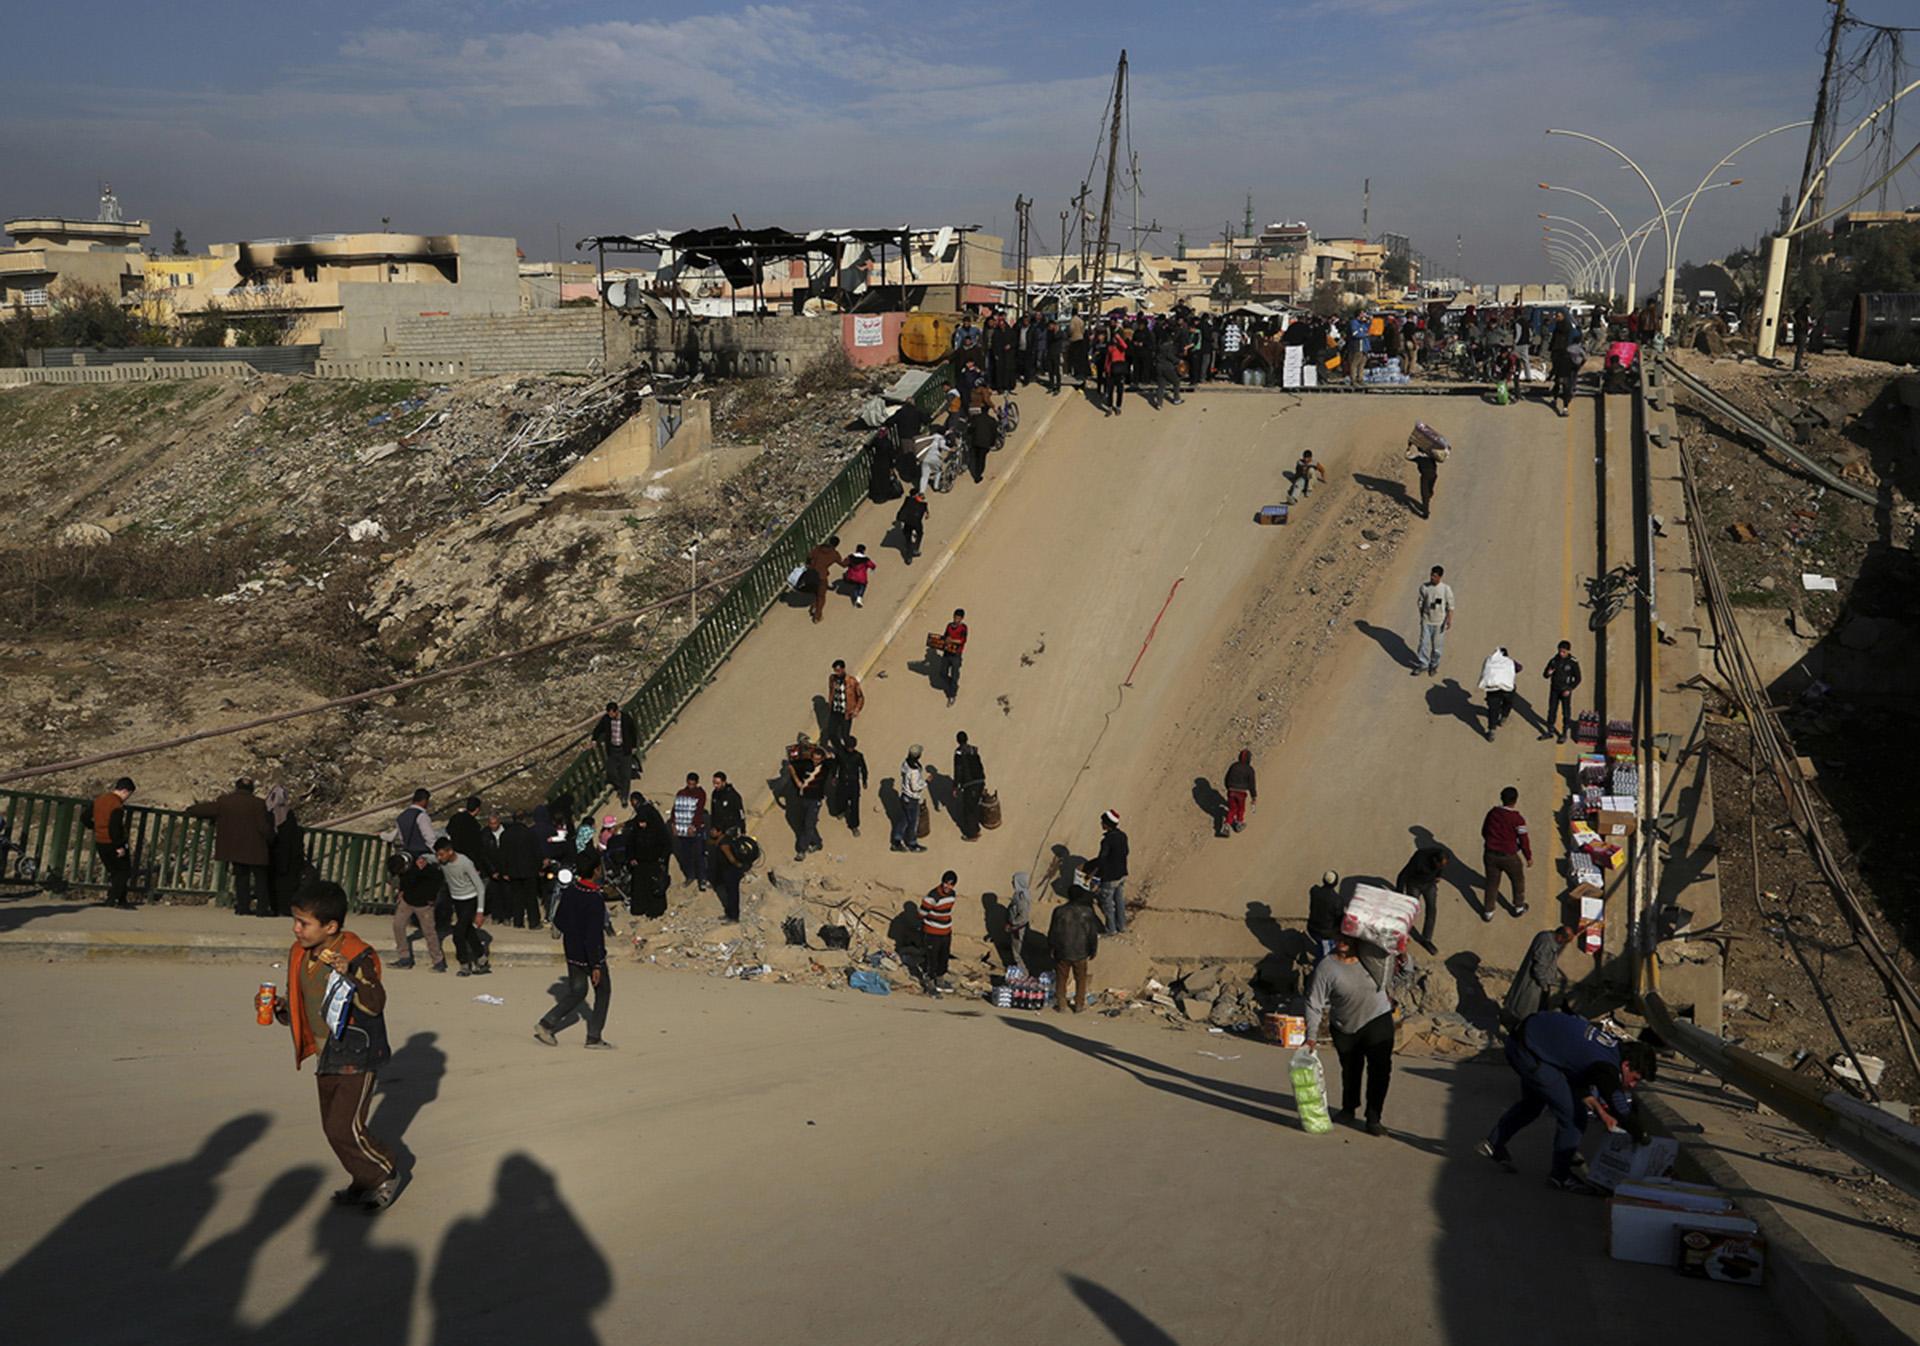 La gente cruza uno de los puentes que atraviesan el Tigris y que fueron destrozados por el ISIS (AP)